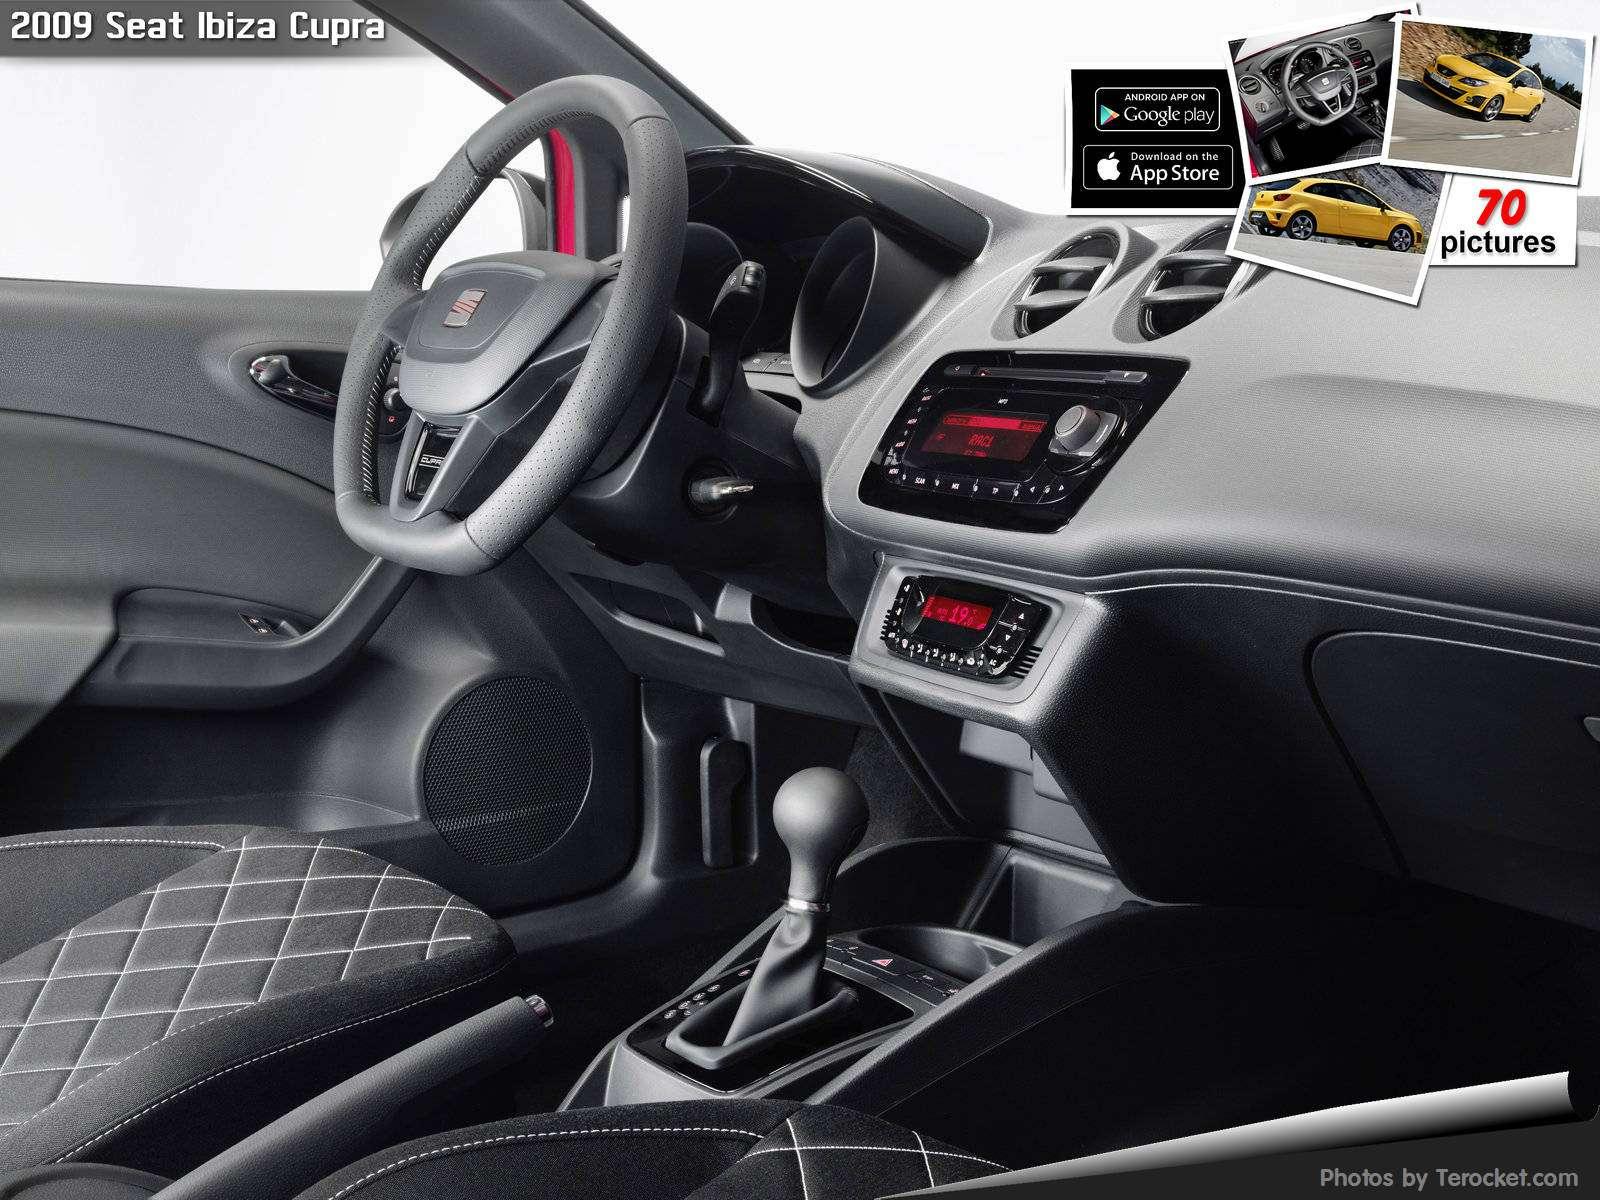 Hình ảnh xe ô tô Seat Ibiza Cupra 2009 & nội ngoại thất